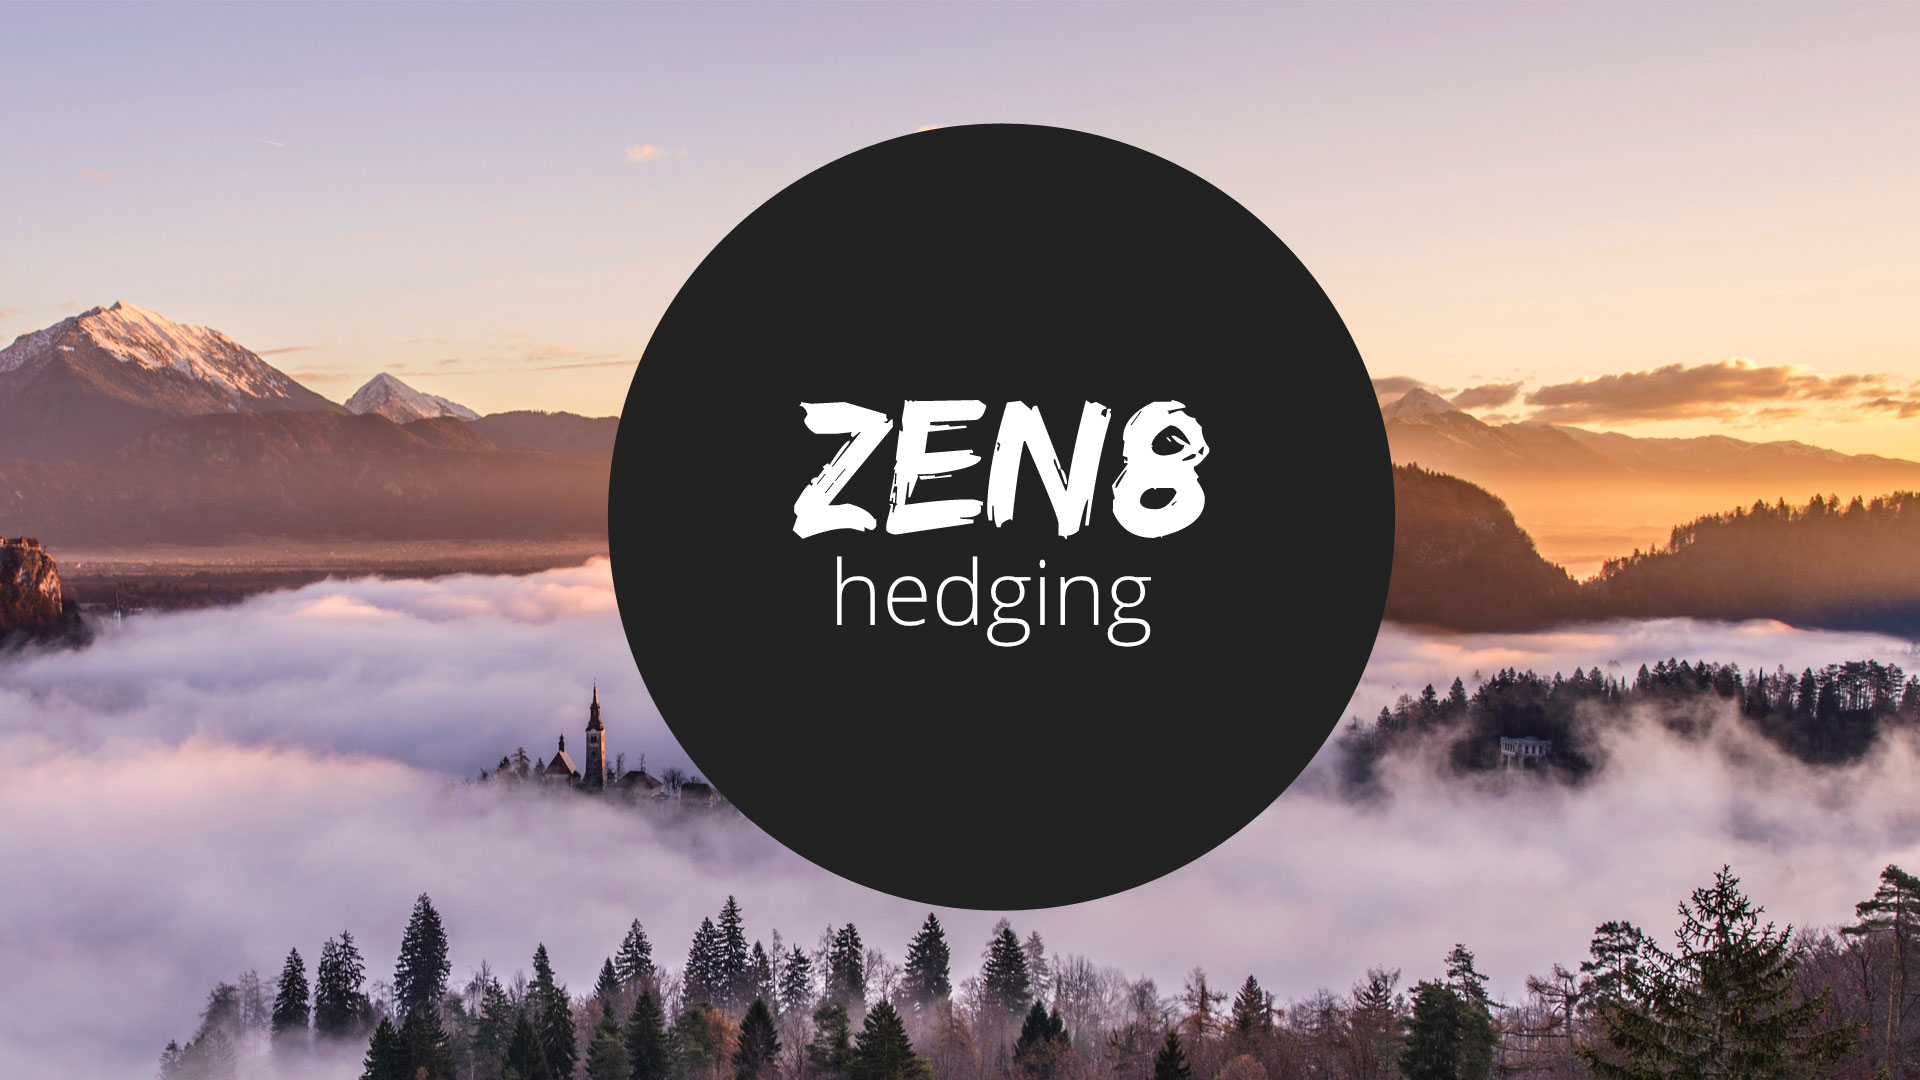 Zen8 Hedging